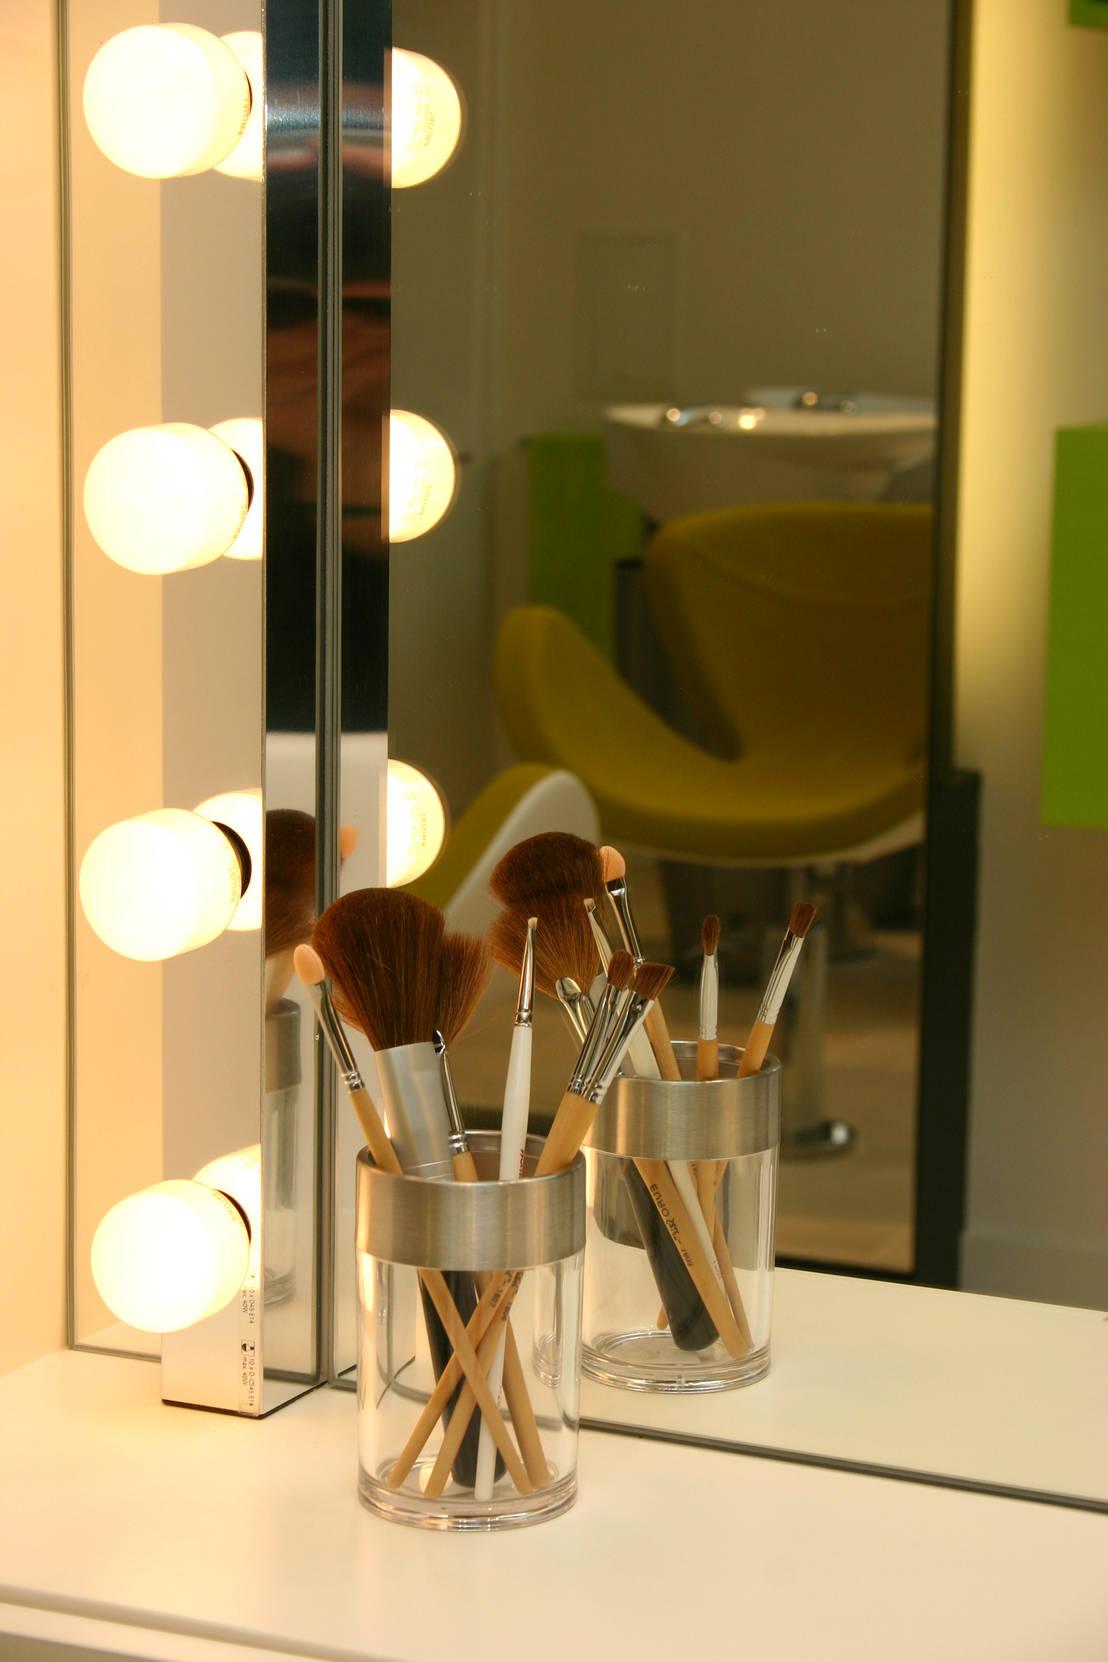 Espejos de camerino para una casa de cine - Espejo camerino ikea ...